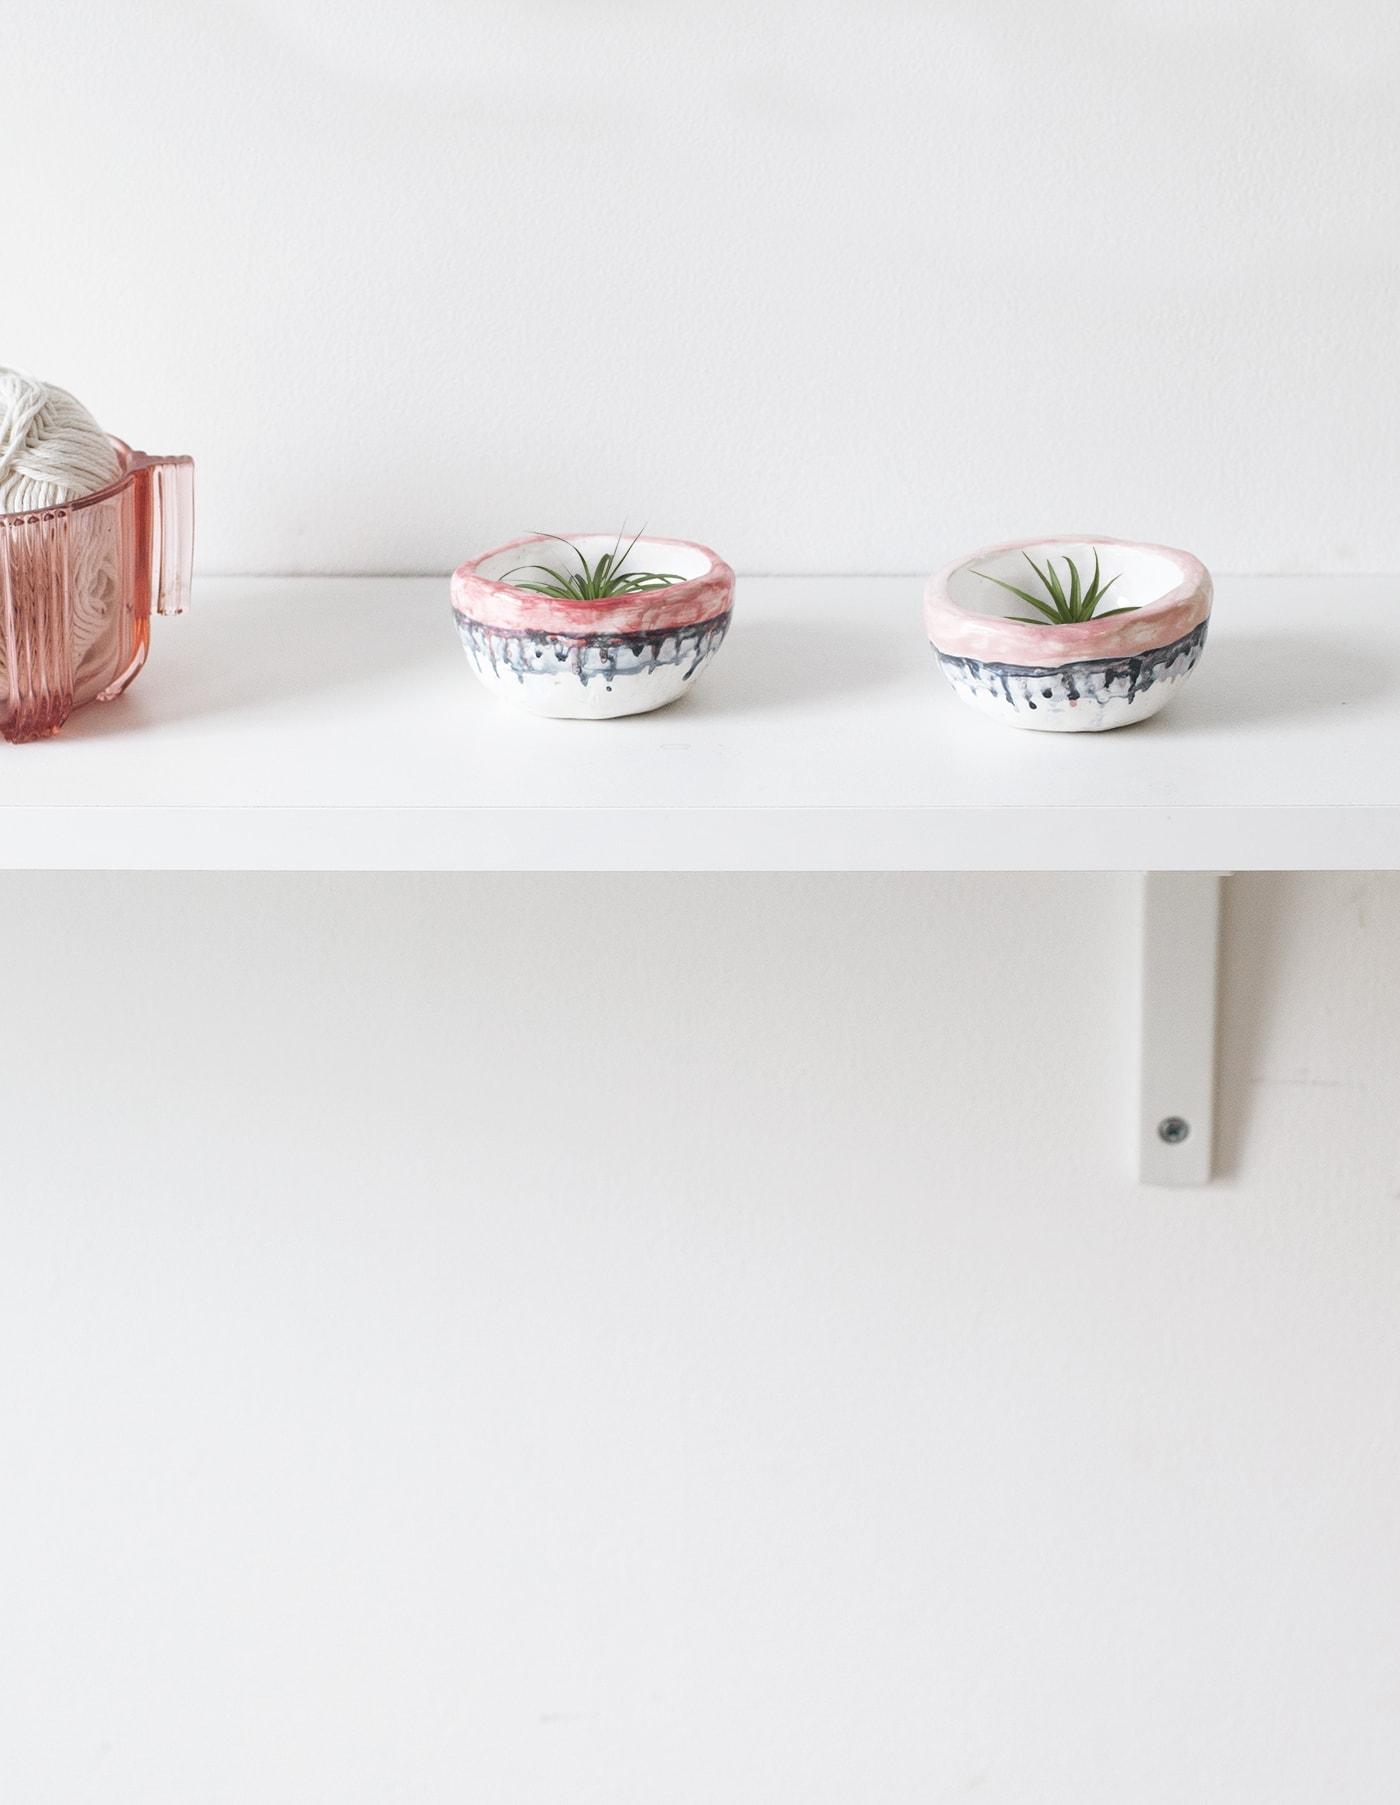 DIY clay drip pinch pots 4